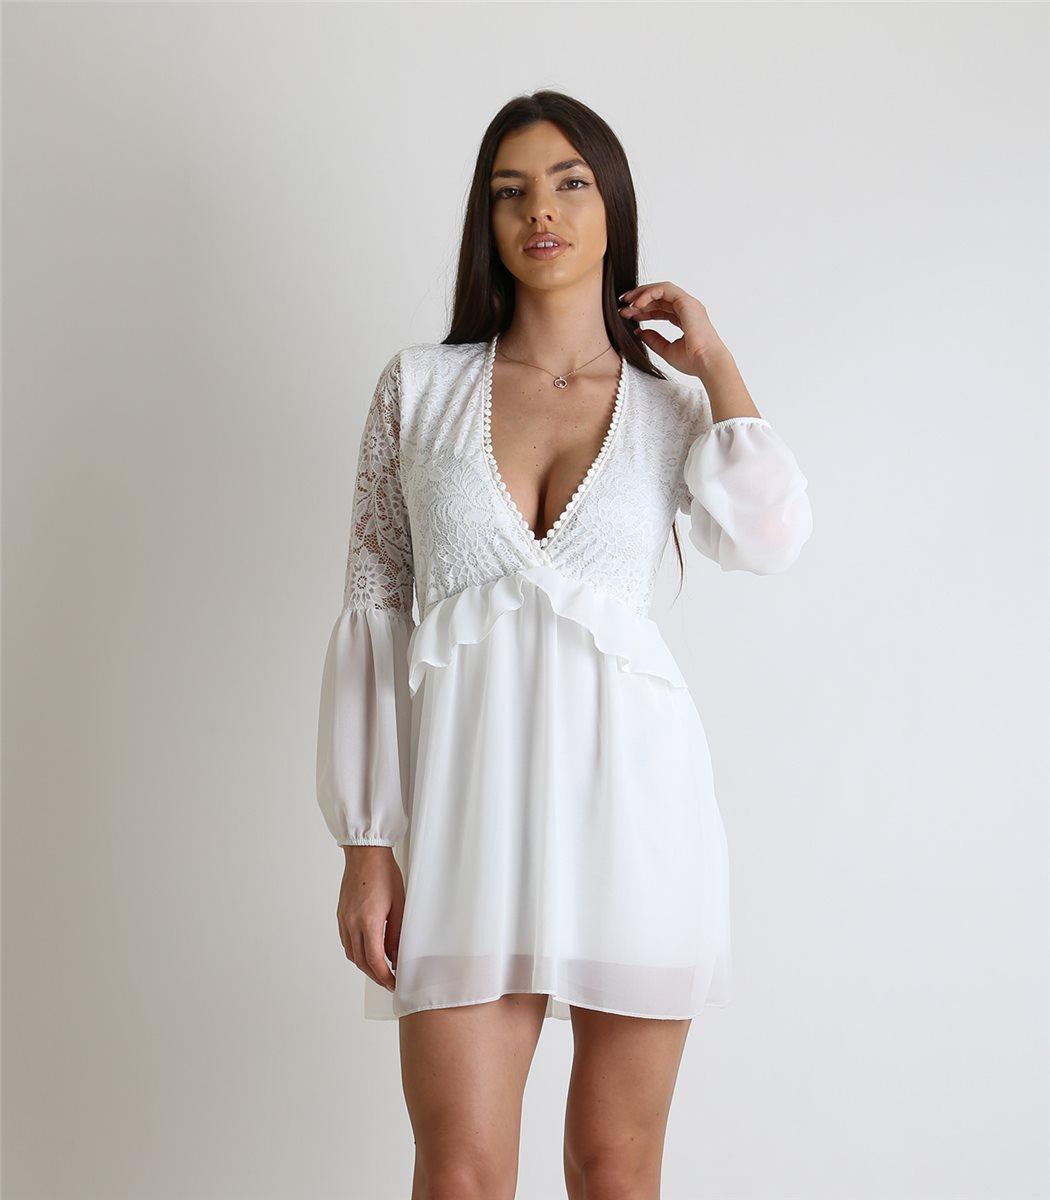 24c362b3a8c9 Στα φορέματα για γάμο ή βάφτιση η διαφάνεια μπορεί να δώσει ακριβώς εκείνο  το στοιχείο που θα κάνει τη διαφορά.